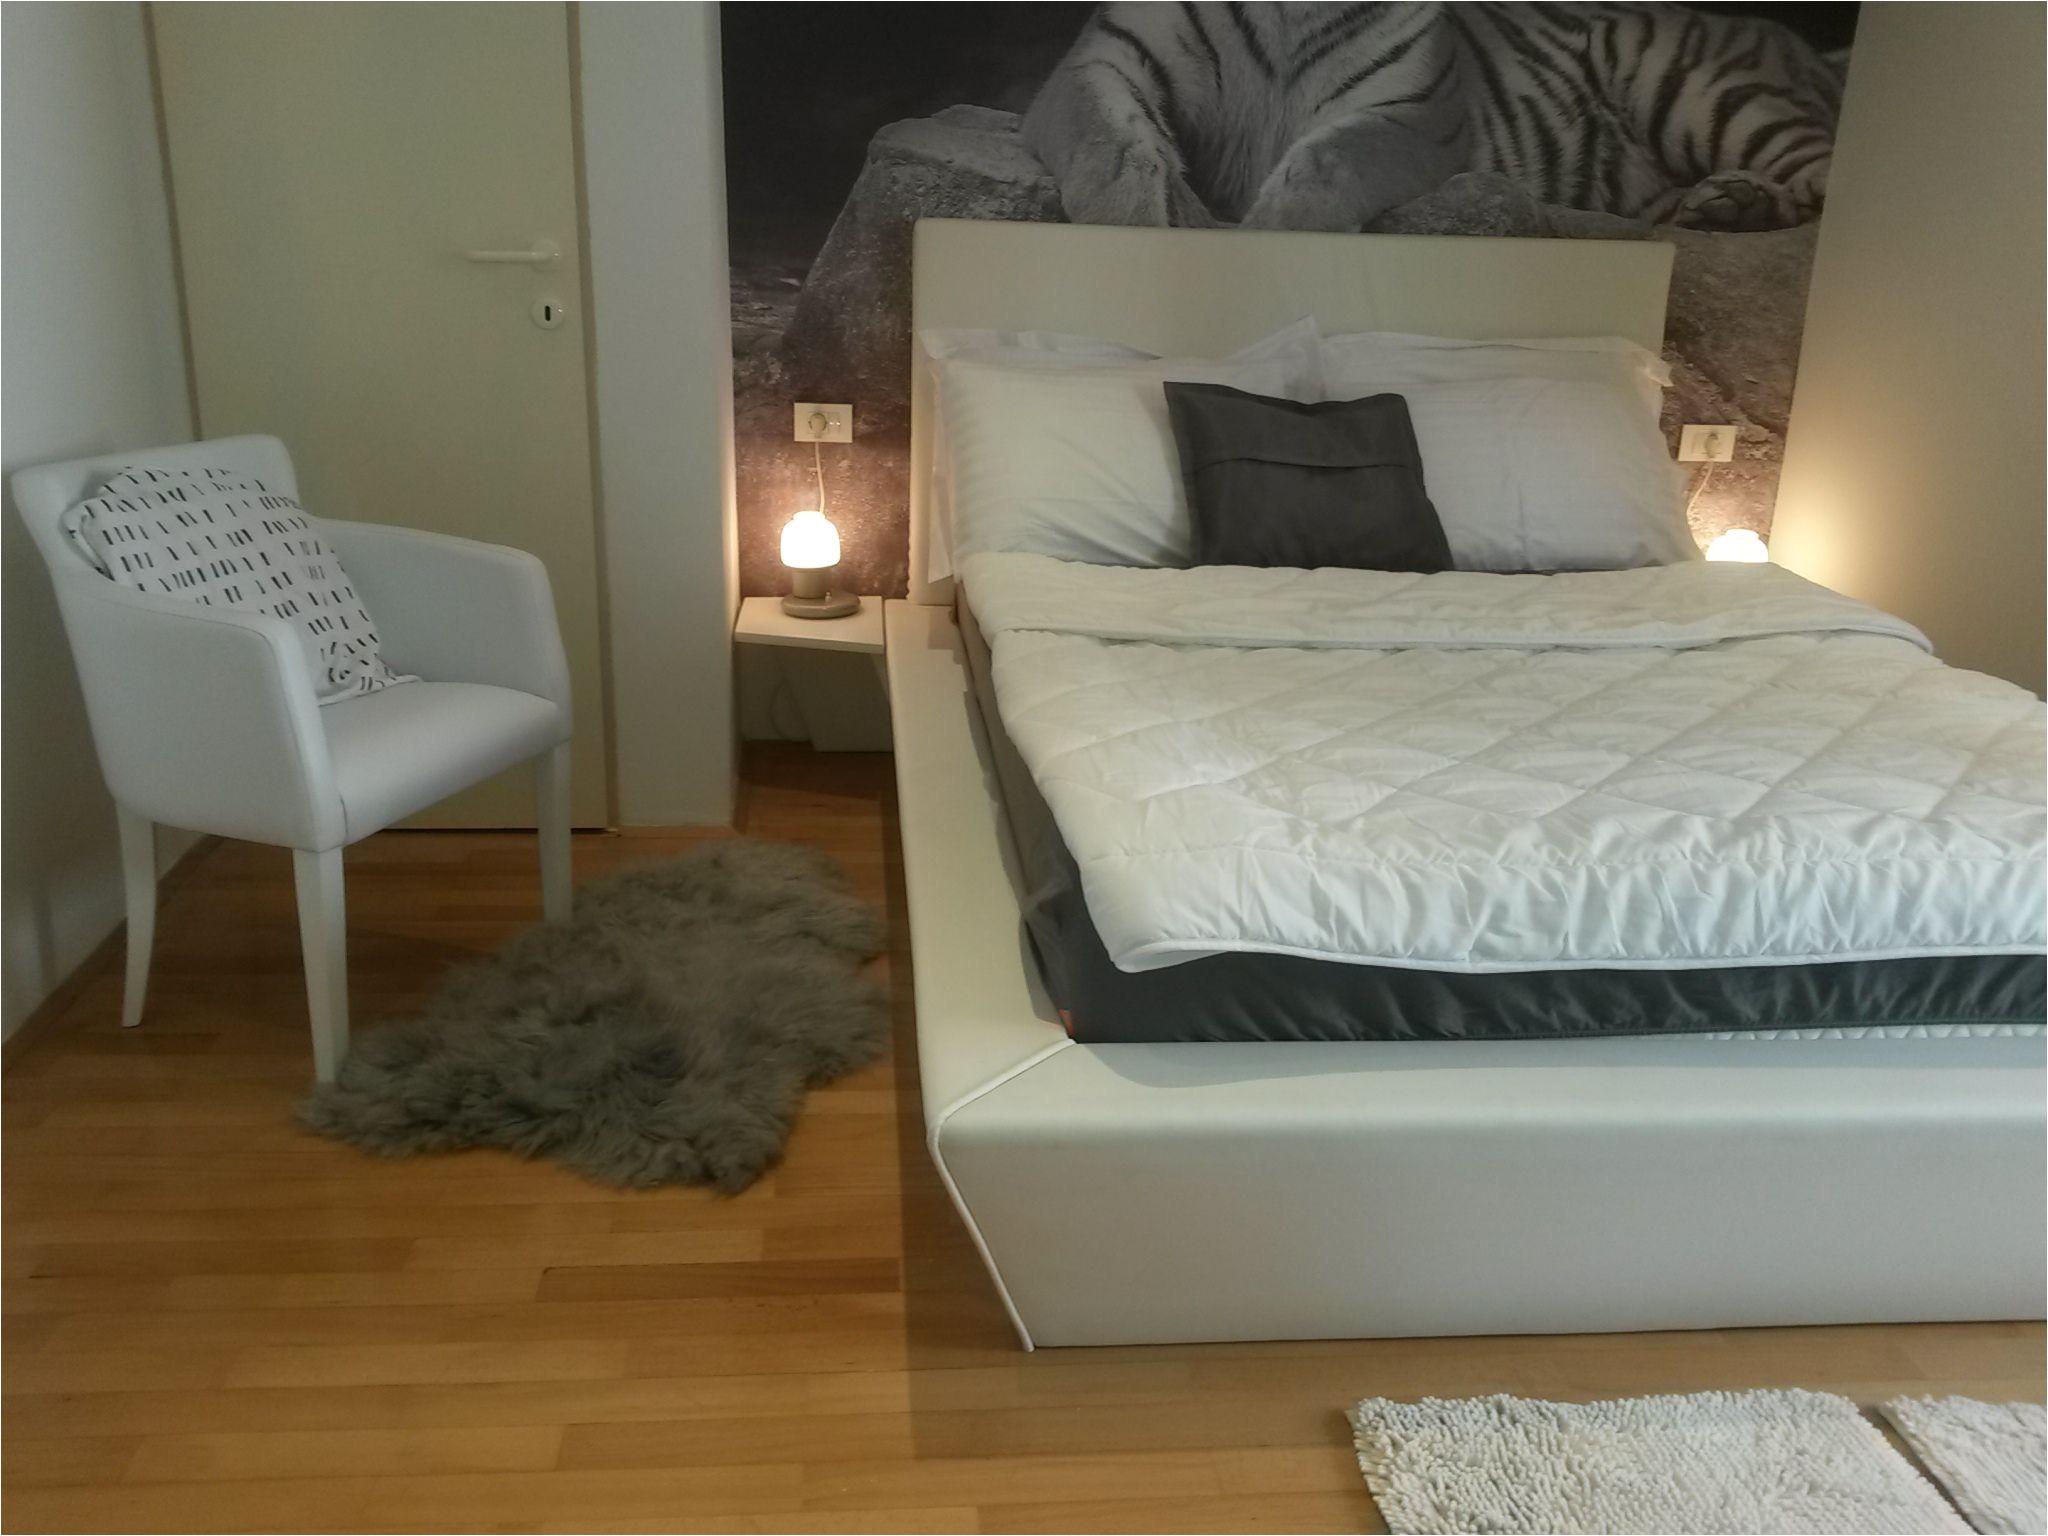 apartman je udaljen 200 m od plaze ima 2 sobe 2 kupatila malu